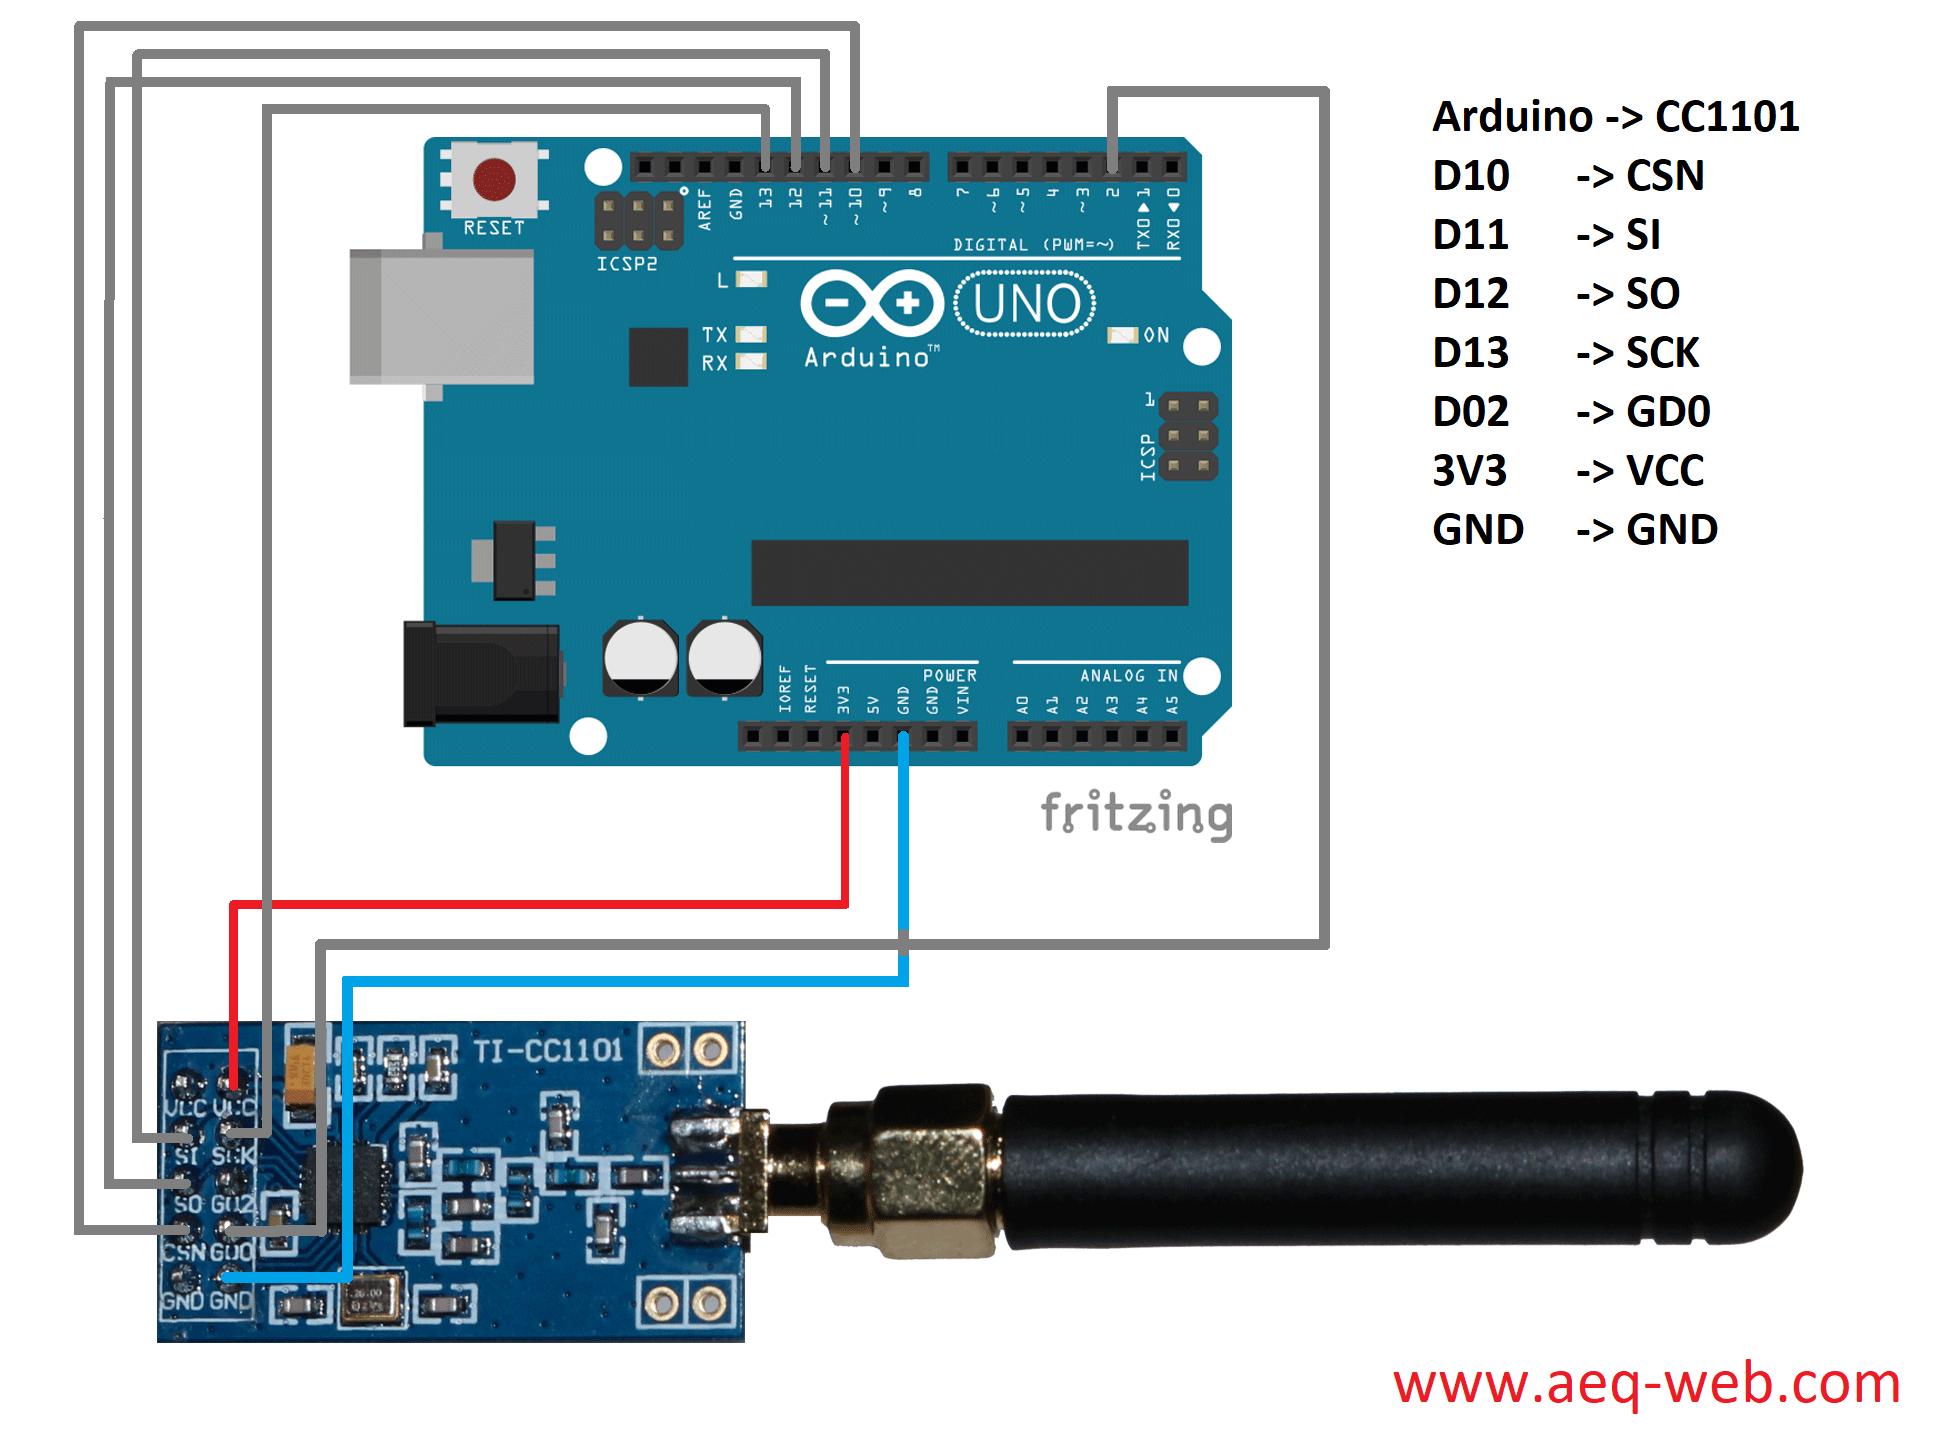 Arduino CC1101 Wiring